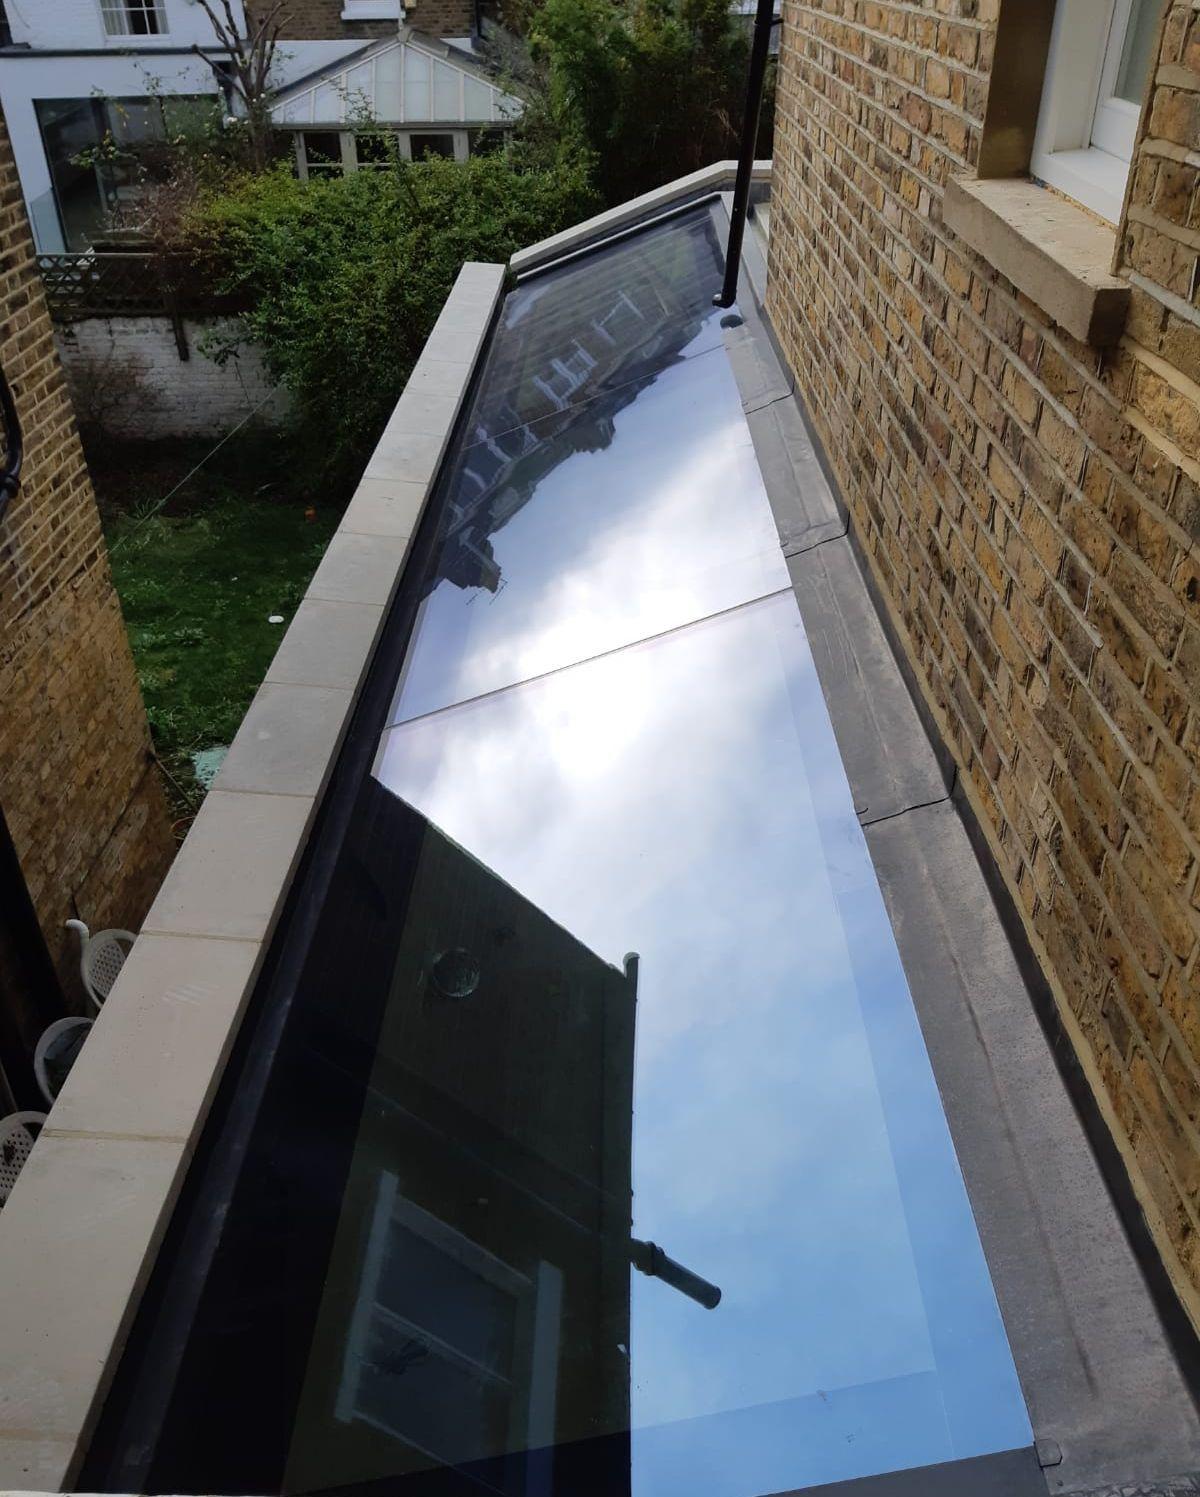 Frameless Glass Roof 1st Folding Sliding Doors In 2020 Glass Roof Sliding Folding Doors Sliding Doors